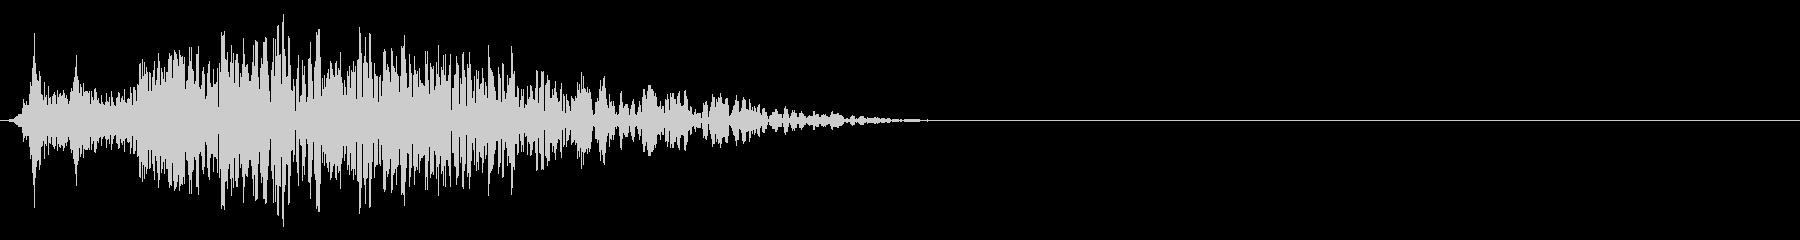 ロードキル、スラップインパクトスト...の未再生の波形